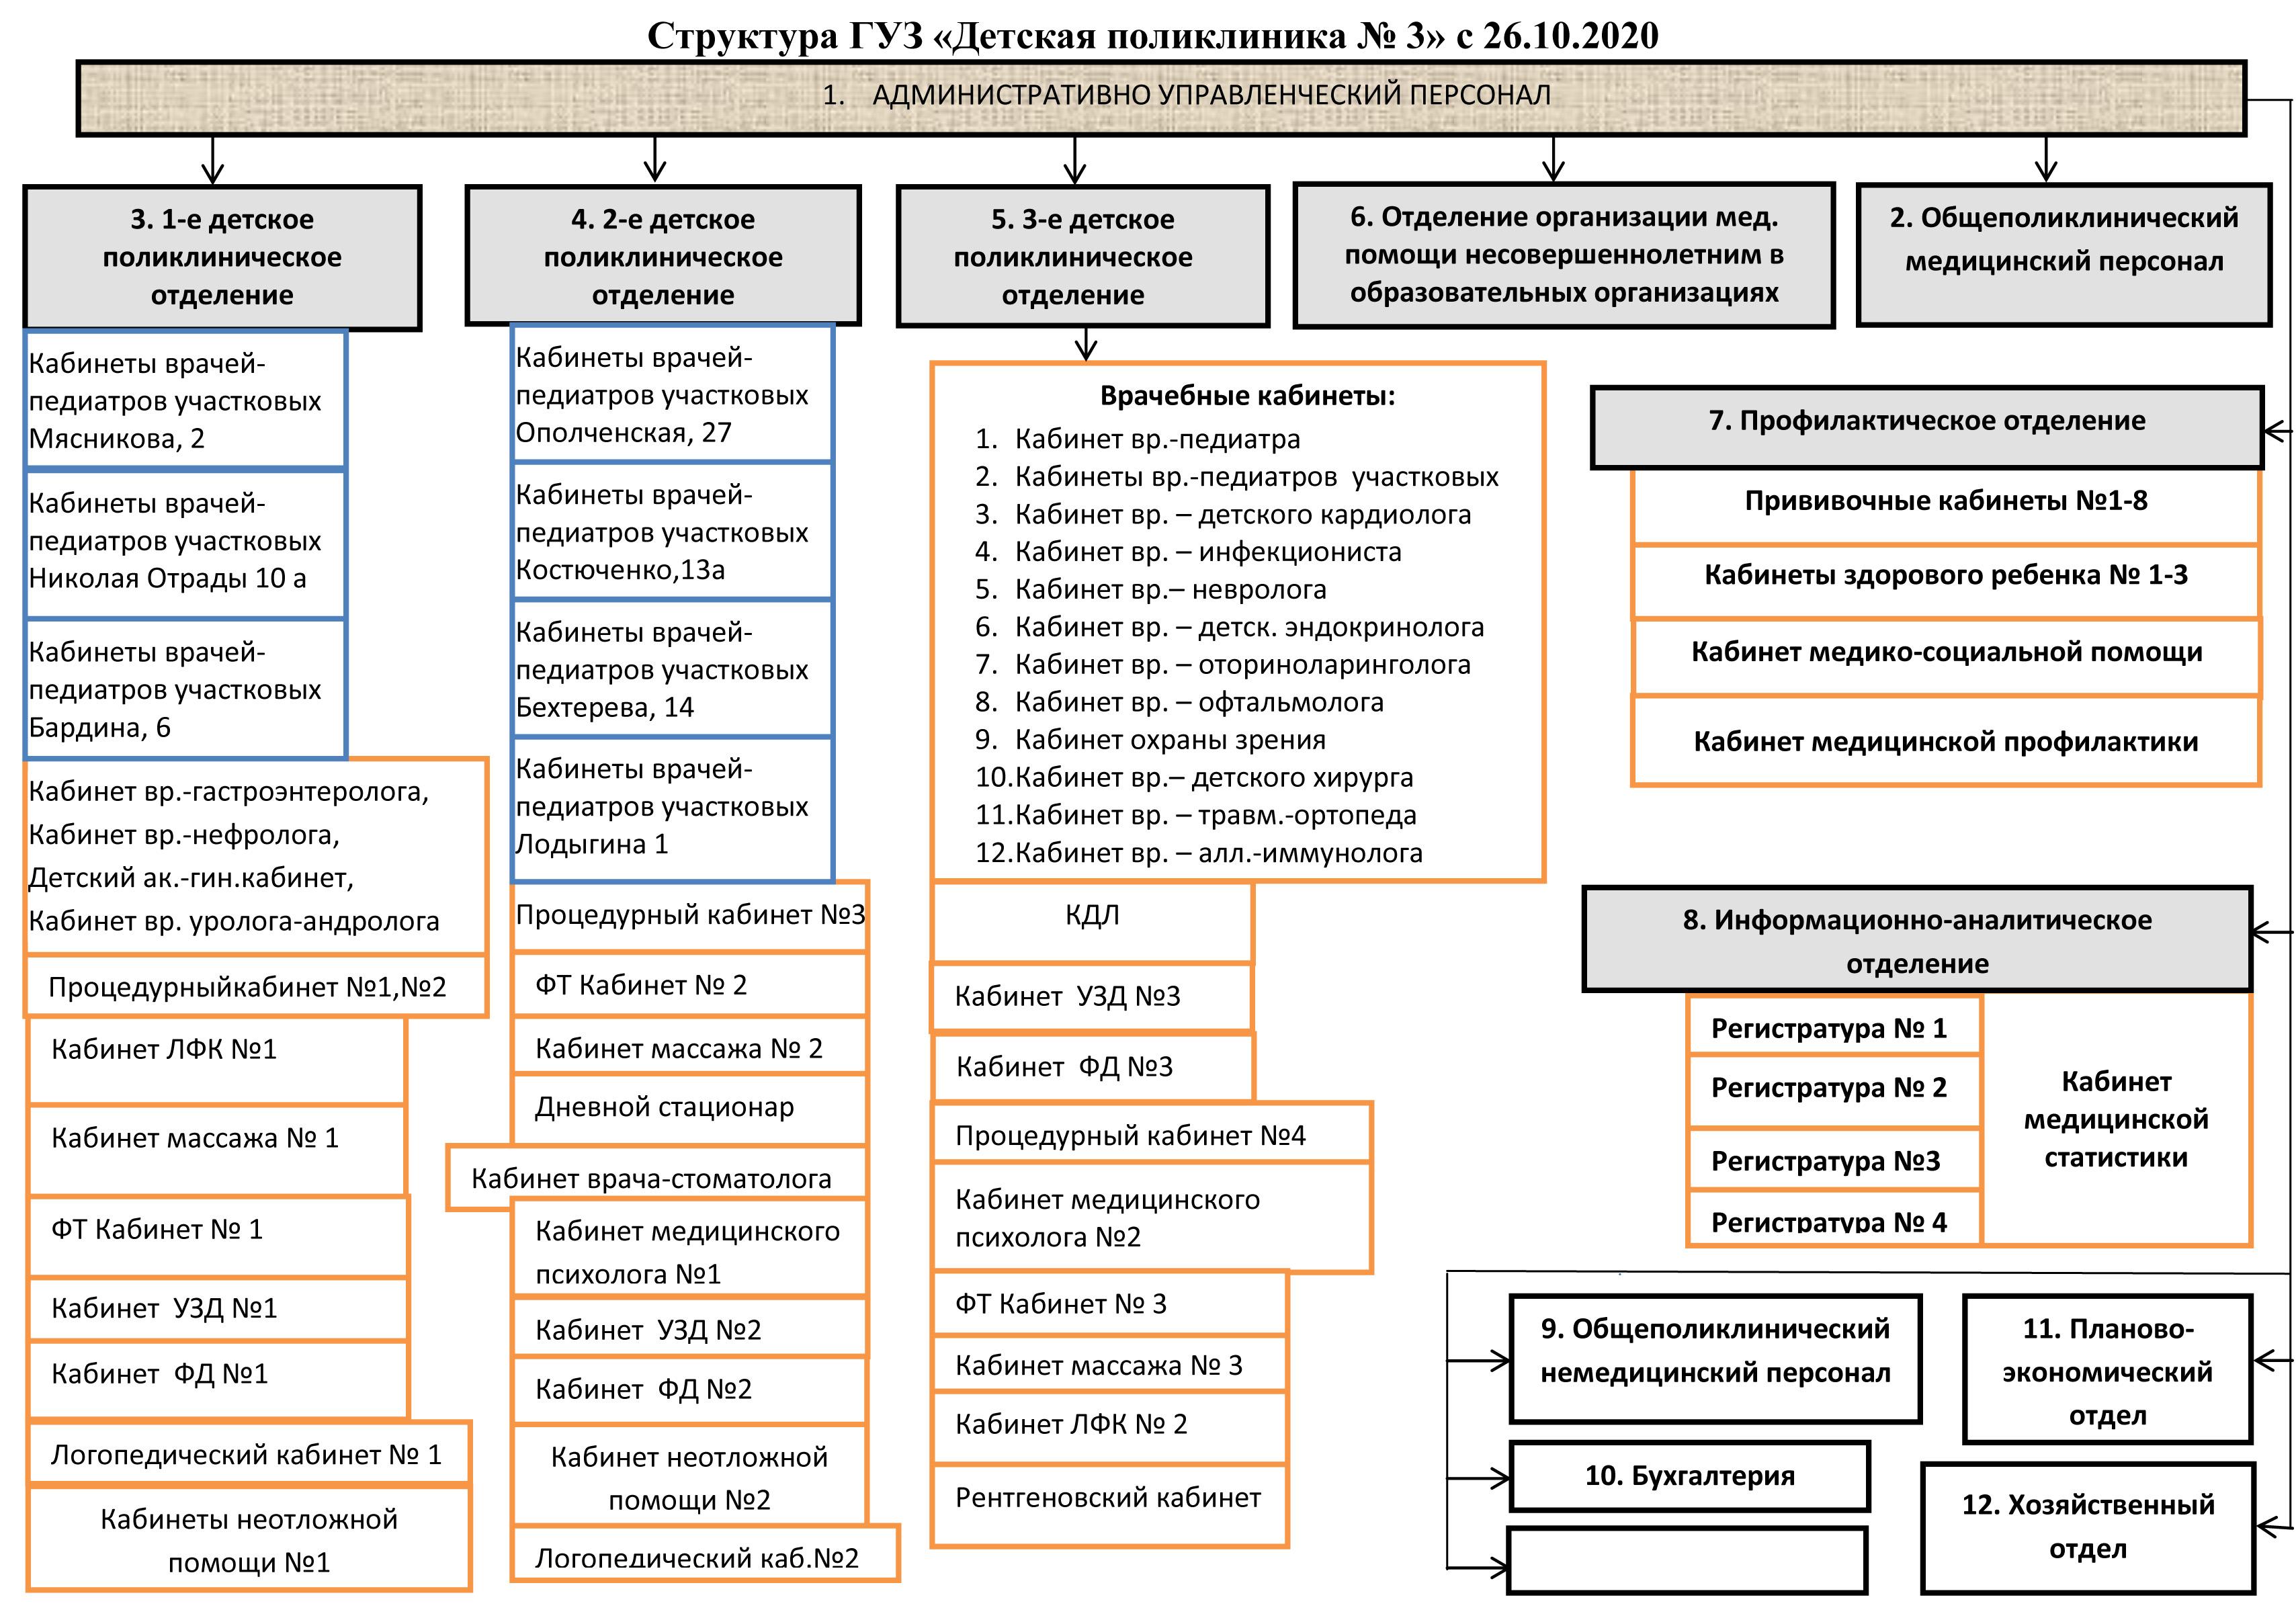 СТРУКТУРА учреждения схема с 26.10.2020_page-0001